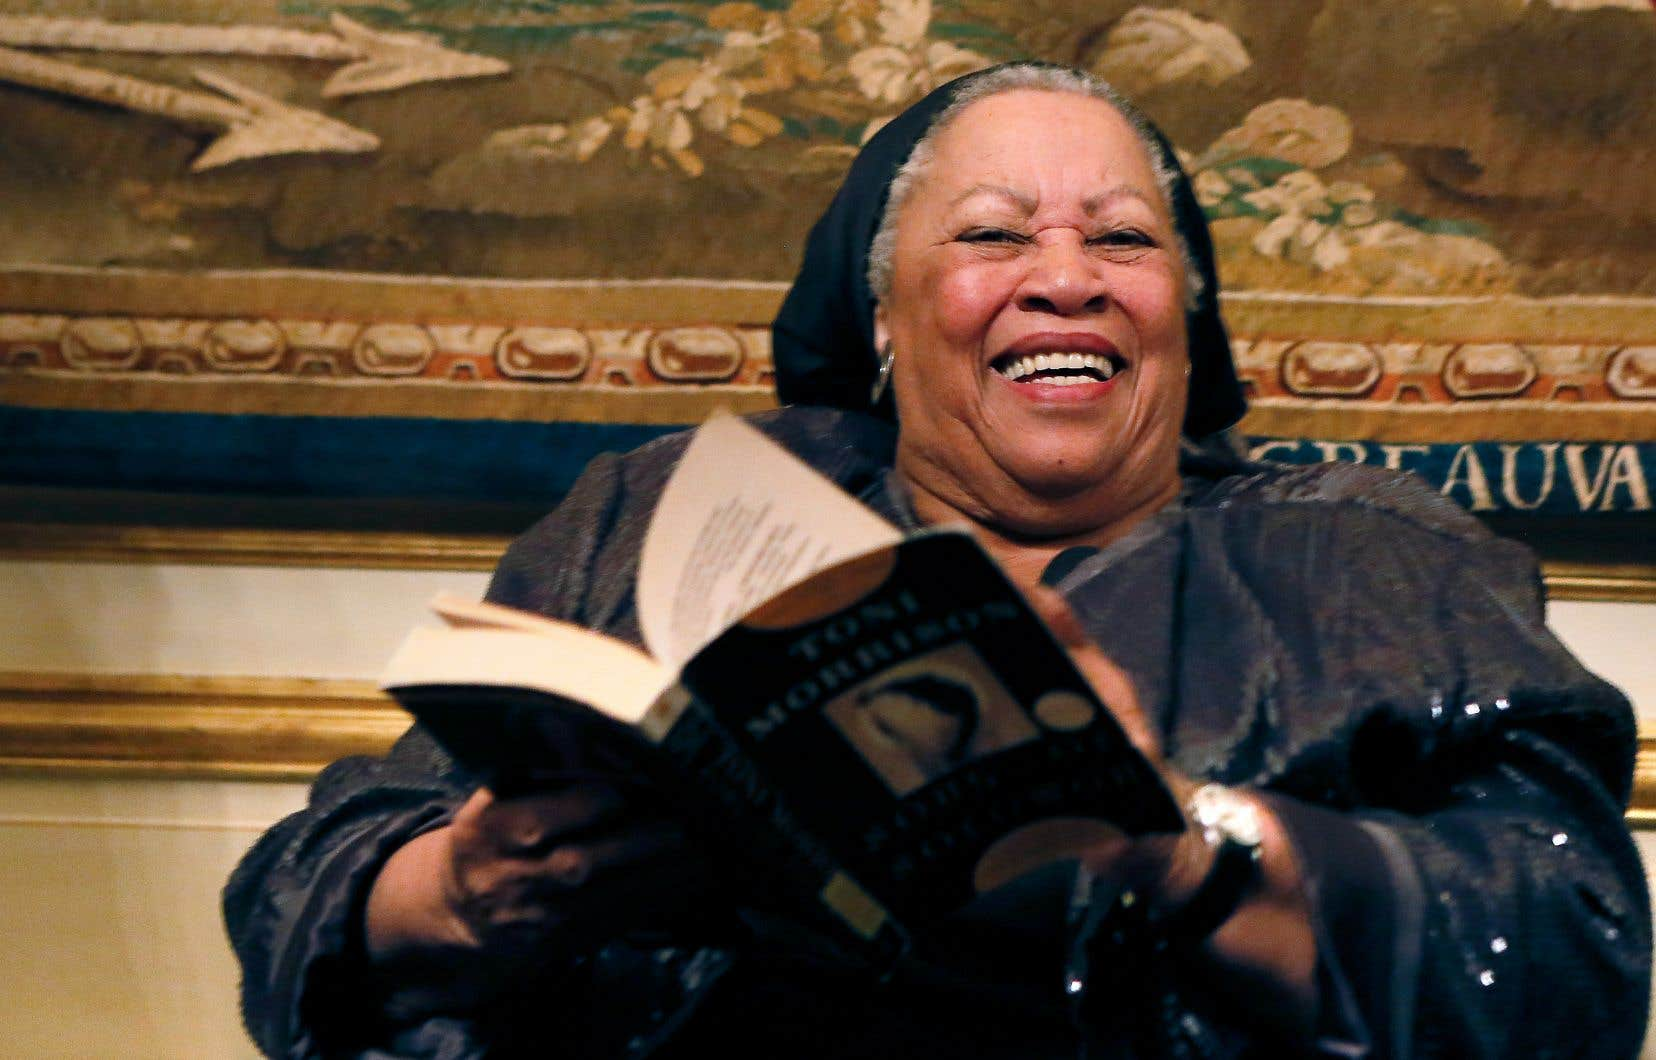 Tant d'essais trouveraient leur couronnement dans «La source de l'amour-propre» (Christian Bourgois, 6novembre), où l'Afro-américaine Toni Morrison rend notamment hommage à James Baldwin, qui éleva la littérature noire des États-Unis au plus haut niveau.